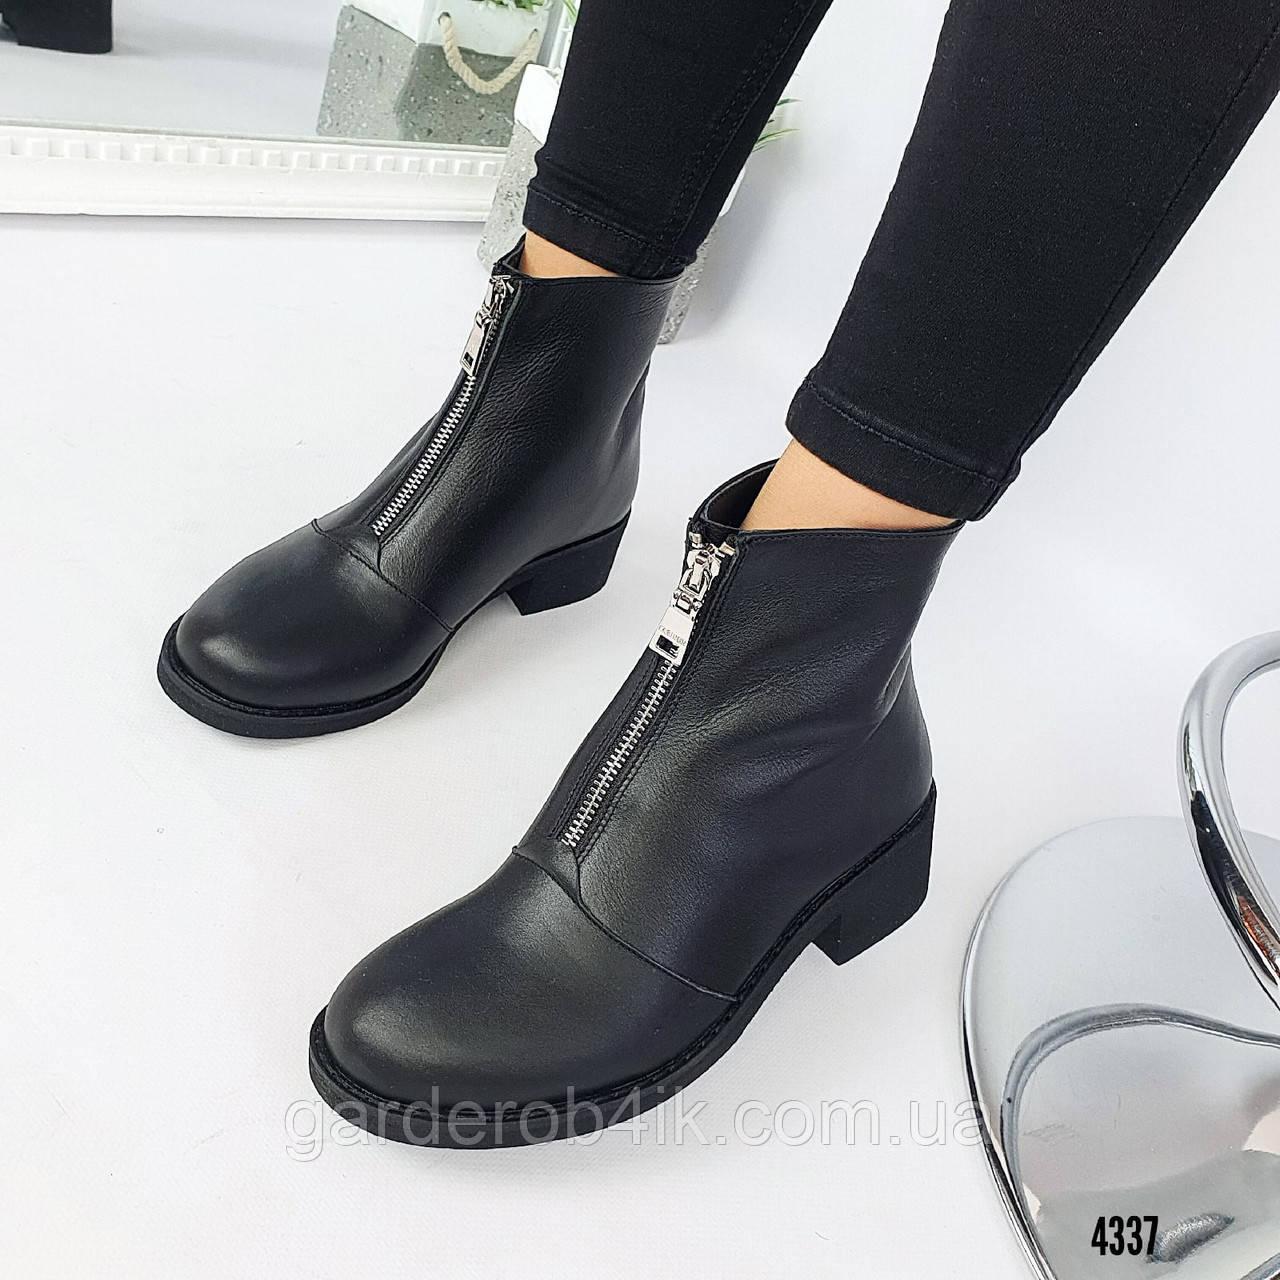 Женские осенние ботинки натуральная кожа, внутри натуральная шерсть